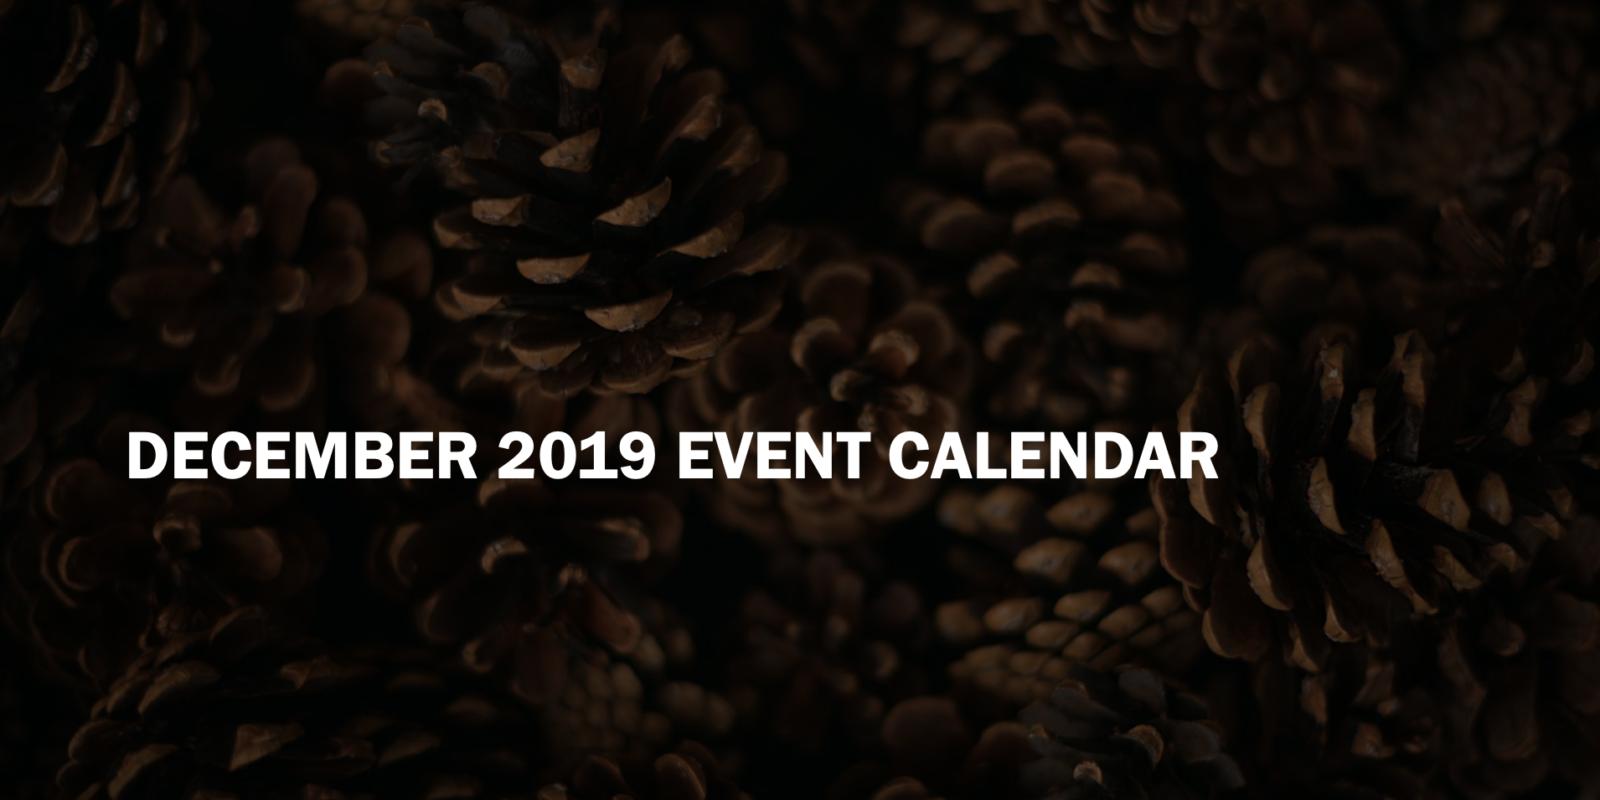 December 2019 Event Calendar